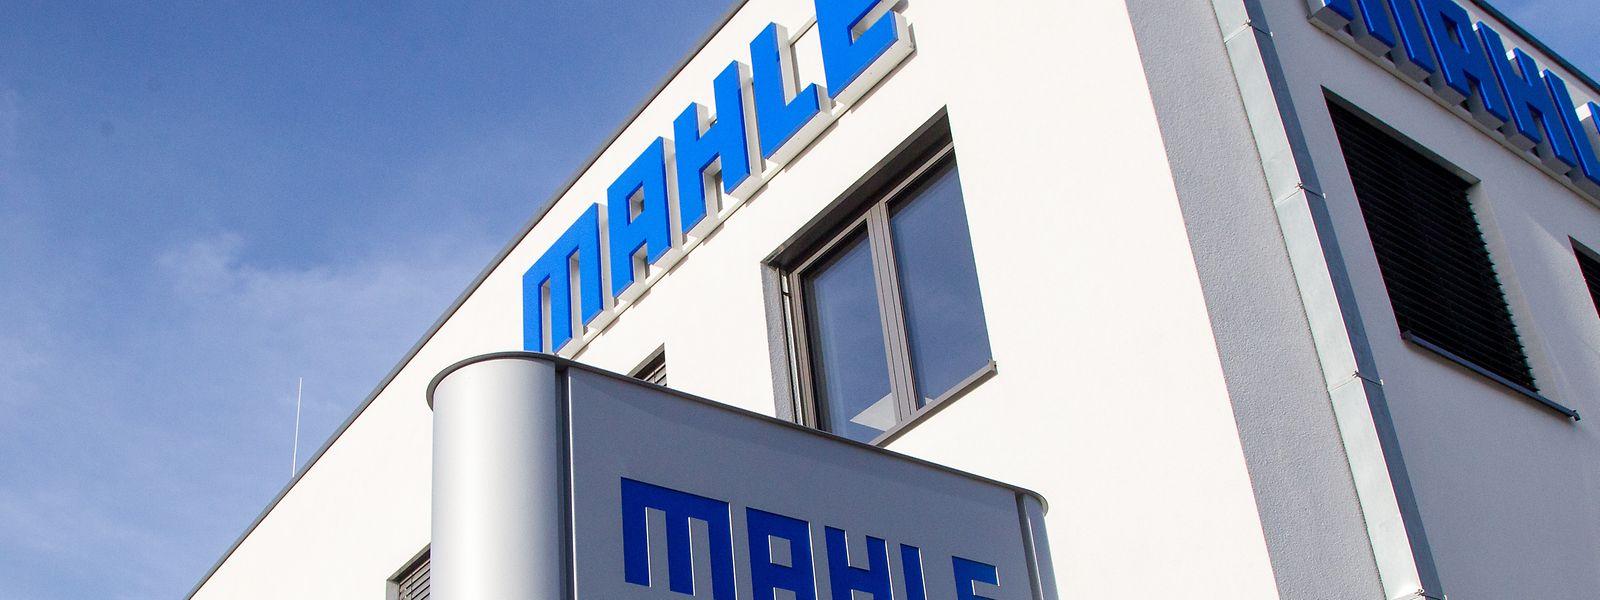 L'ensemble des deux entités Mahle du Luxembourg aura fermé mi-2021.